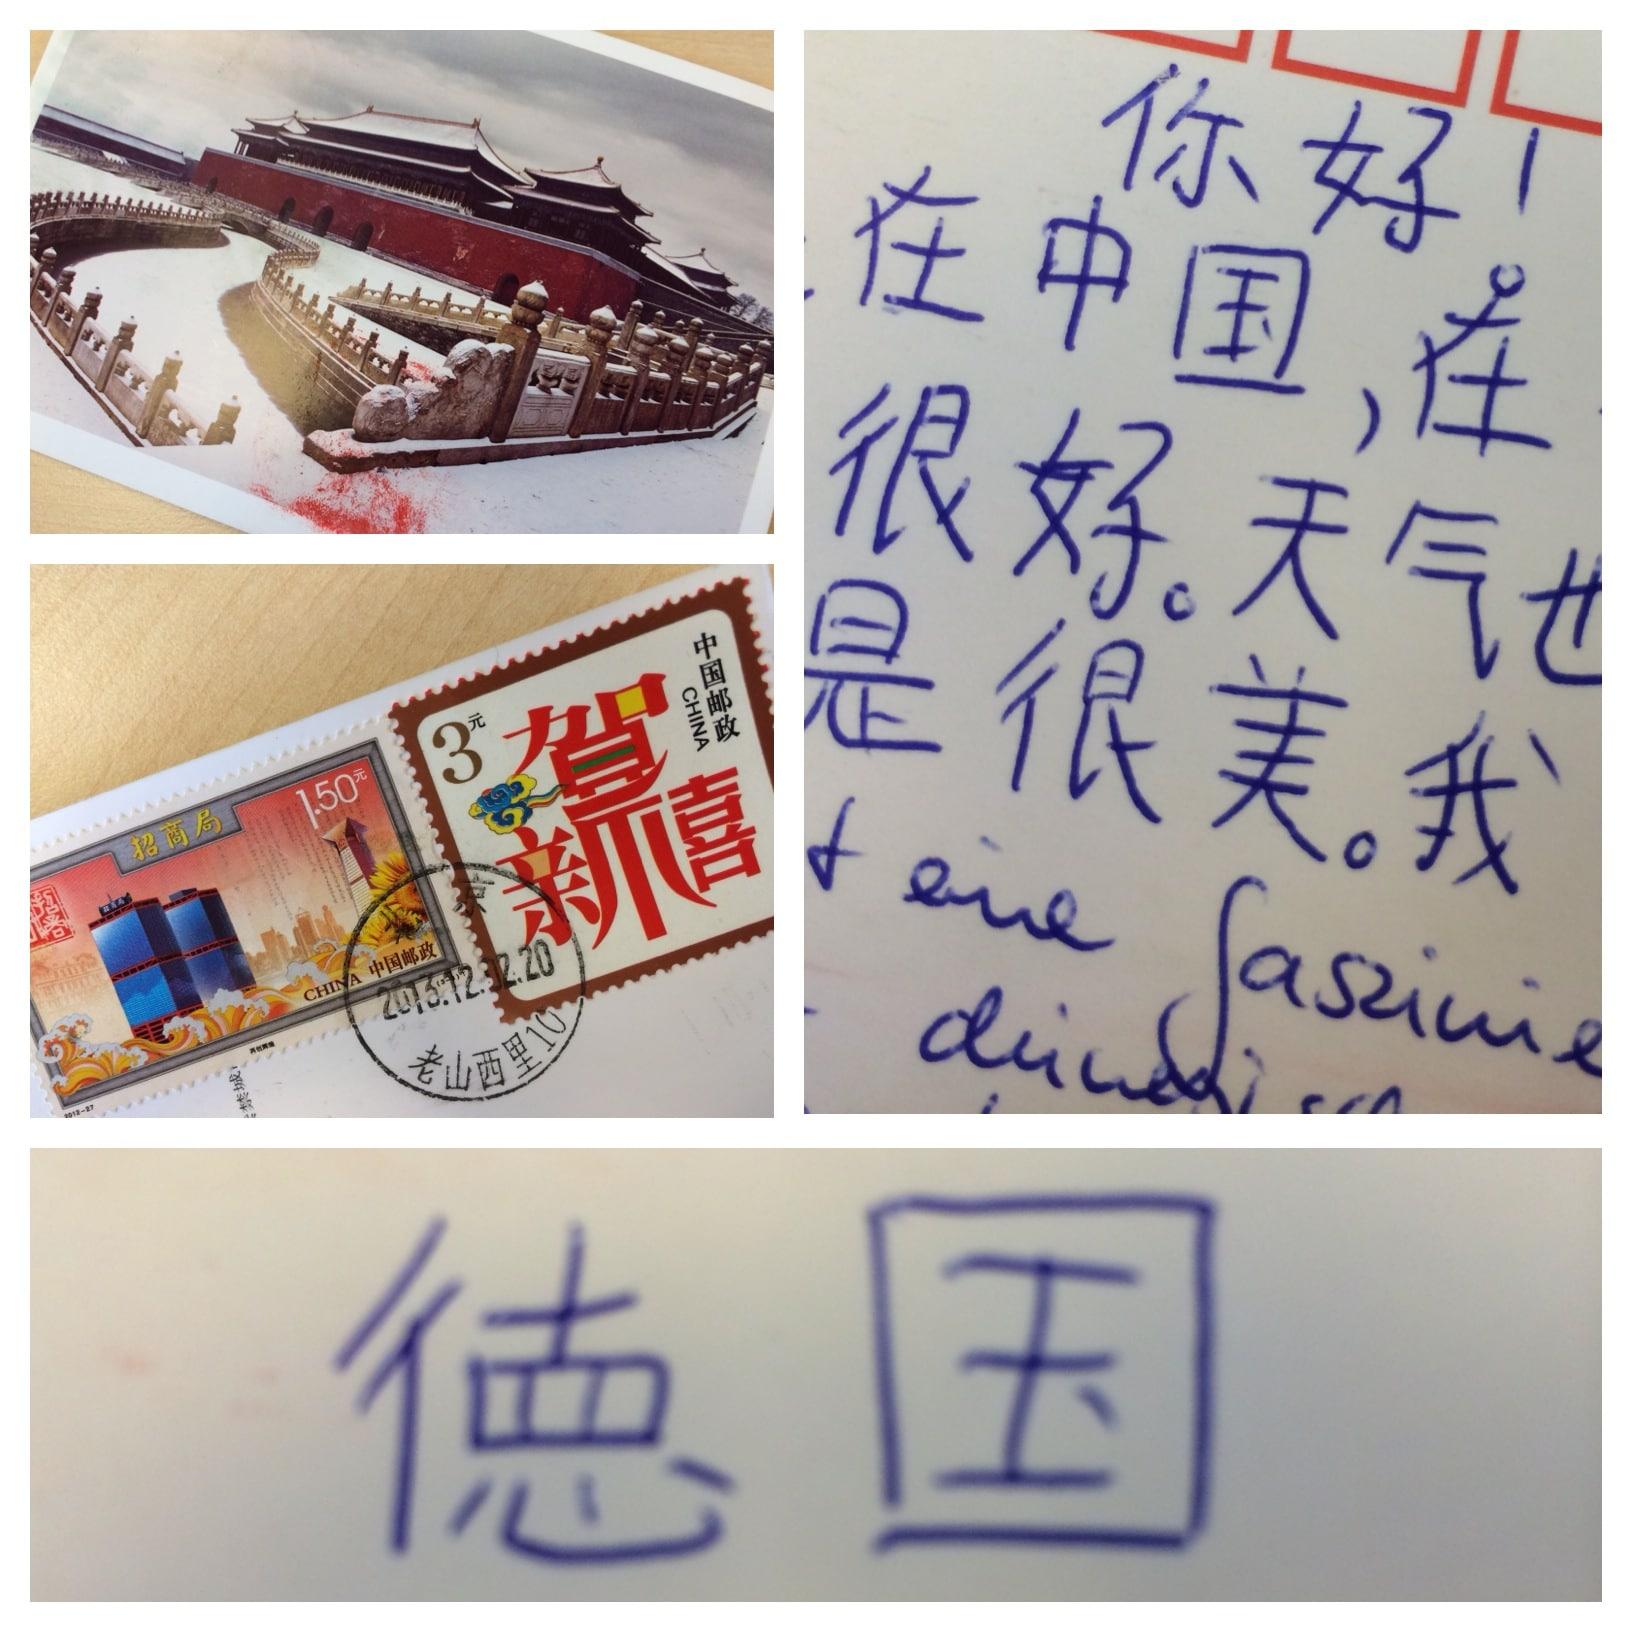 Verbotene Stadt - Peking, China